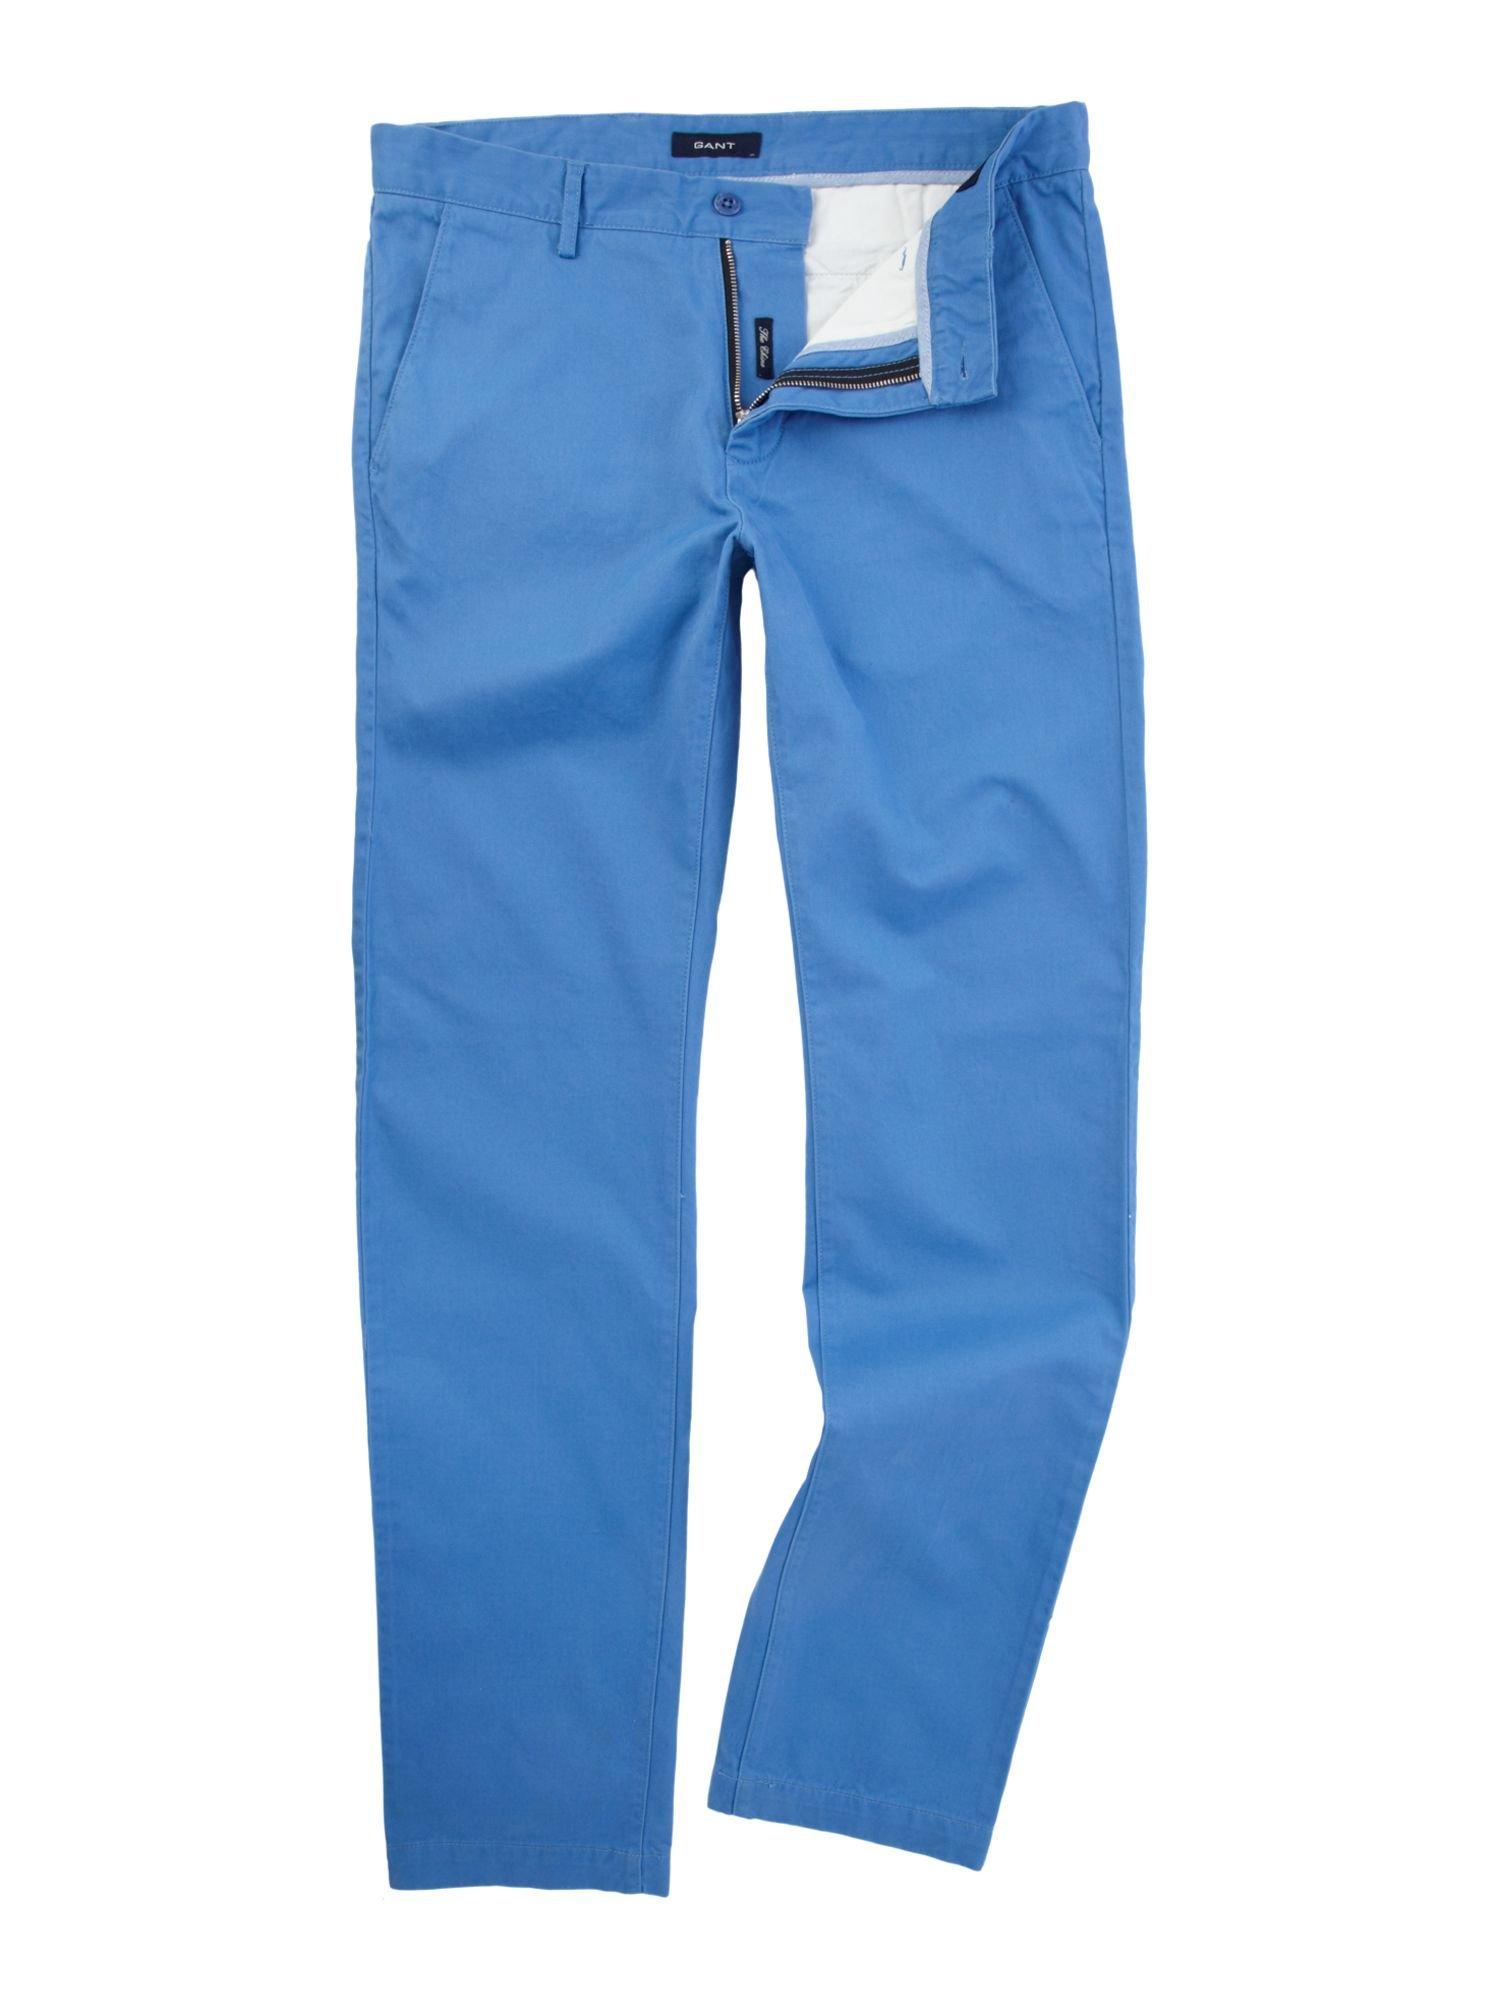 Man Trousers Gant - 31 GANT vTkgAkotMQ